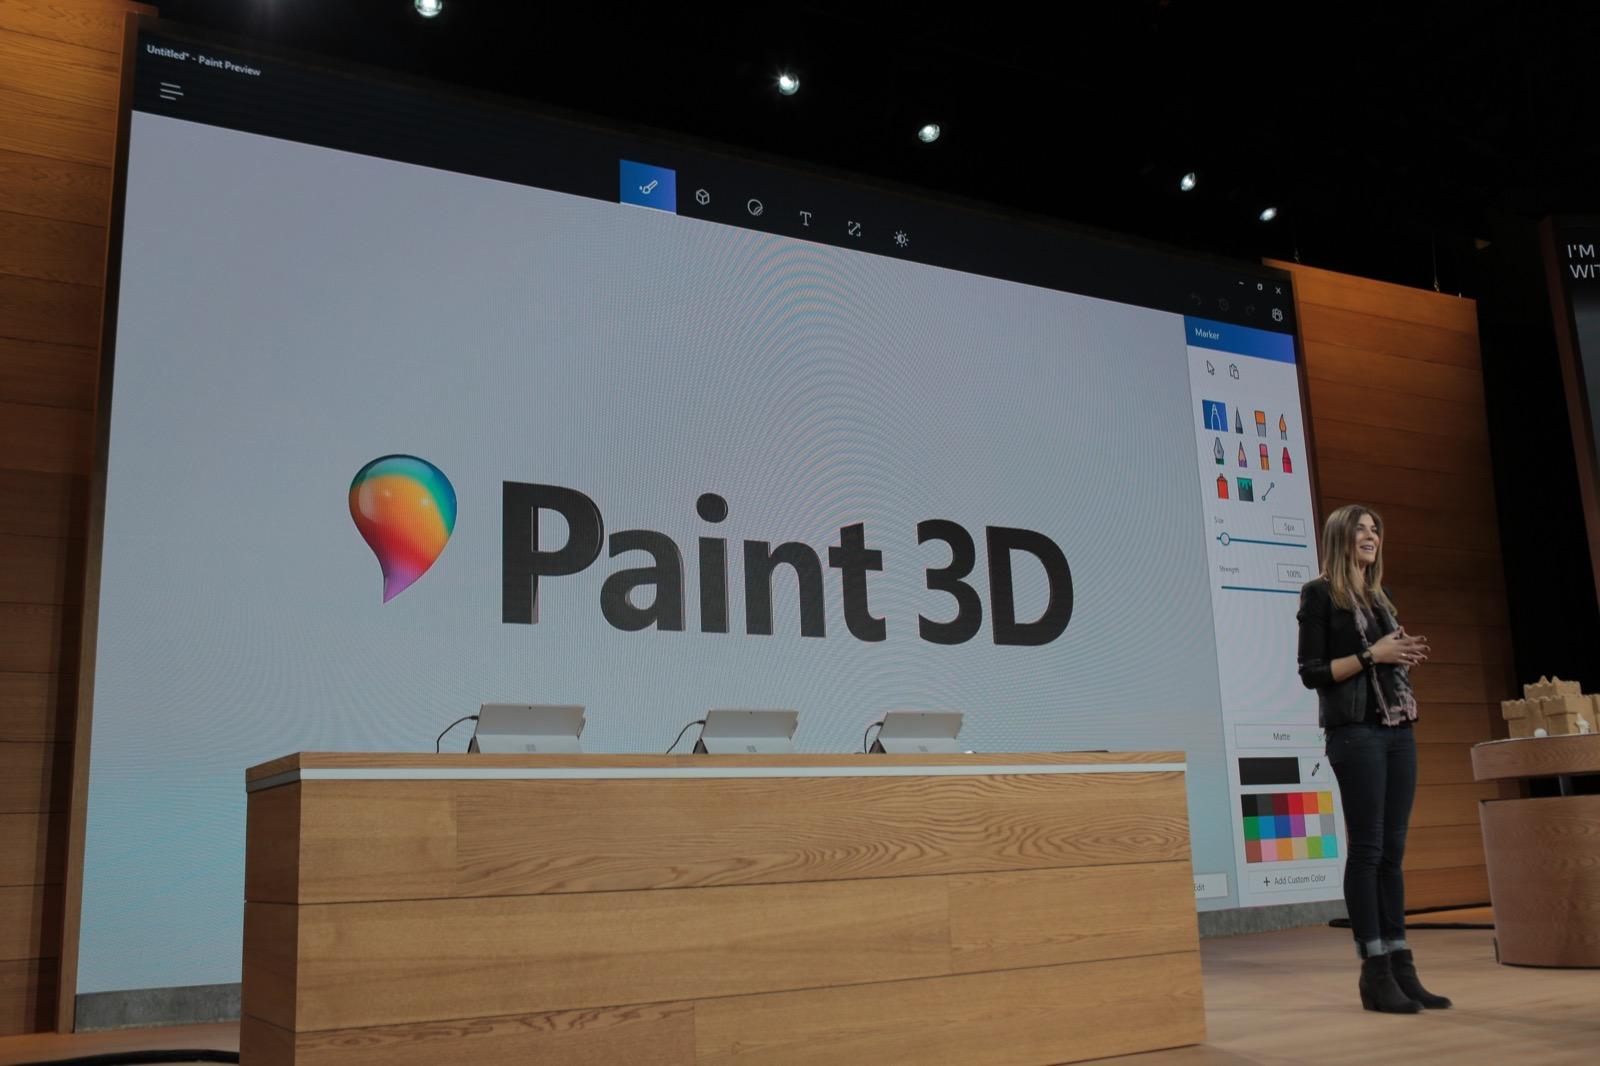 [Vídeo] Aprenda a instalar o Paint 3D em seu smartphone com Windows 10 Mobile